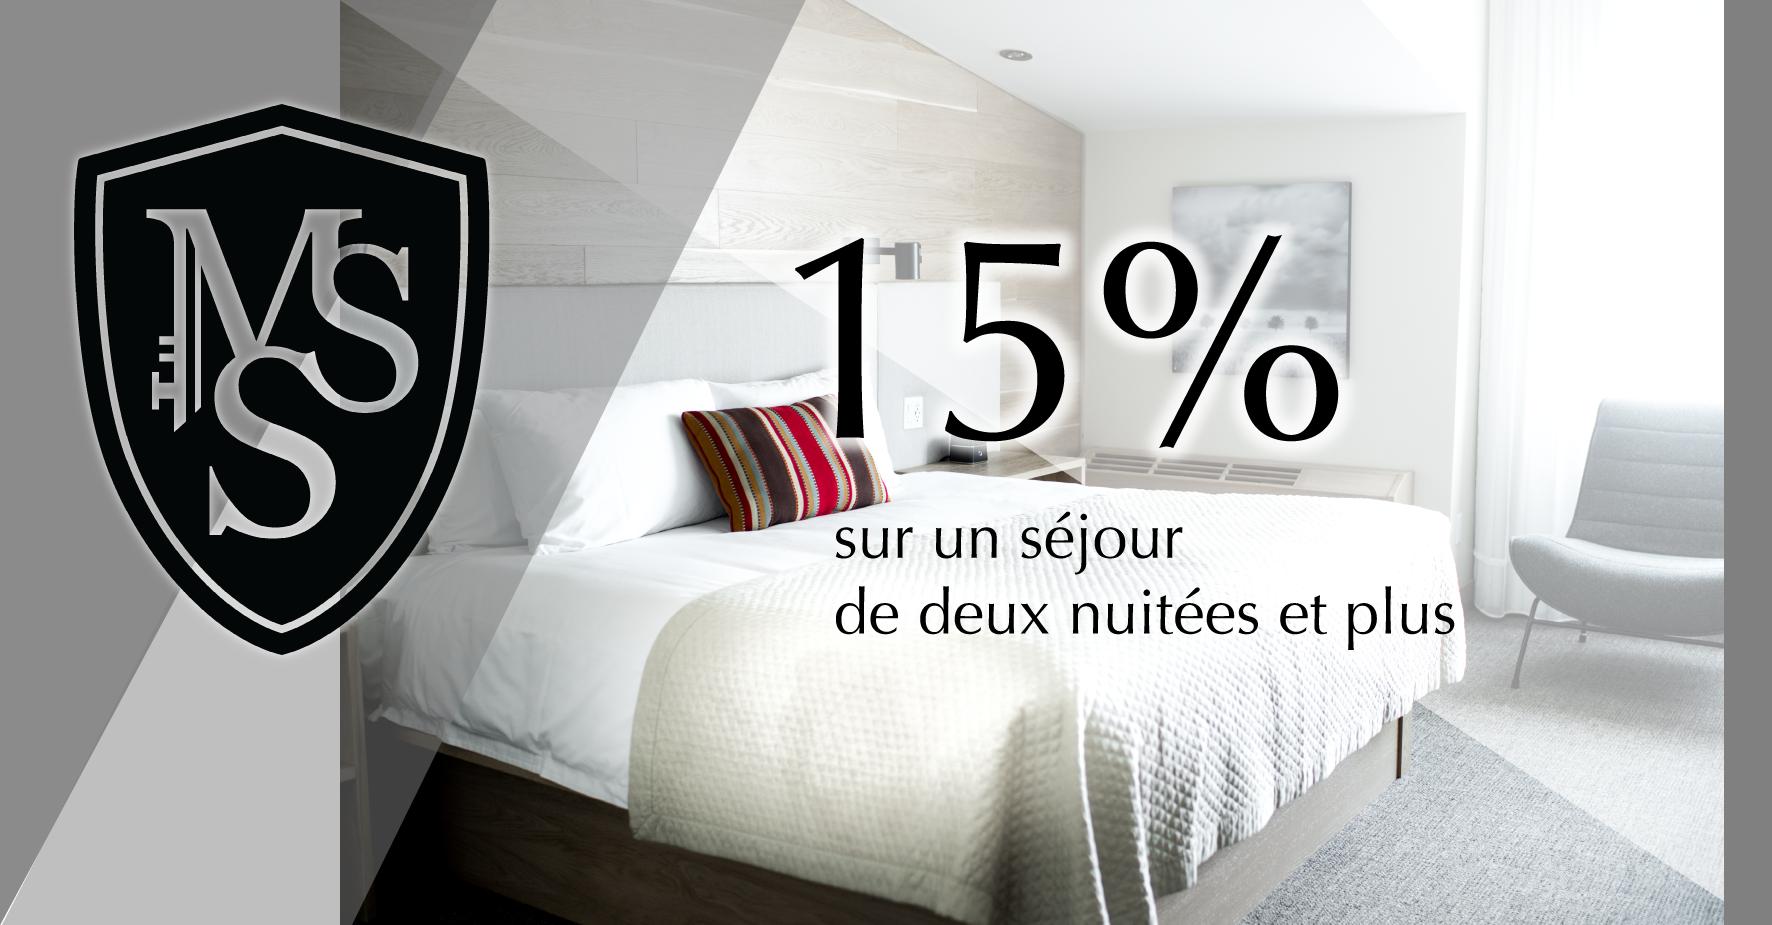 15% sur votre prochain séjour de deux nuitées !